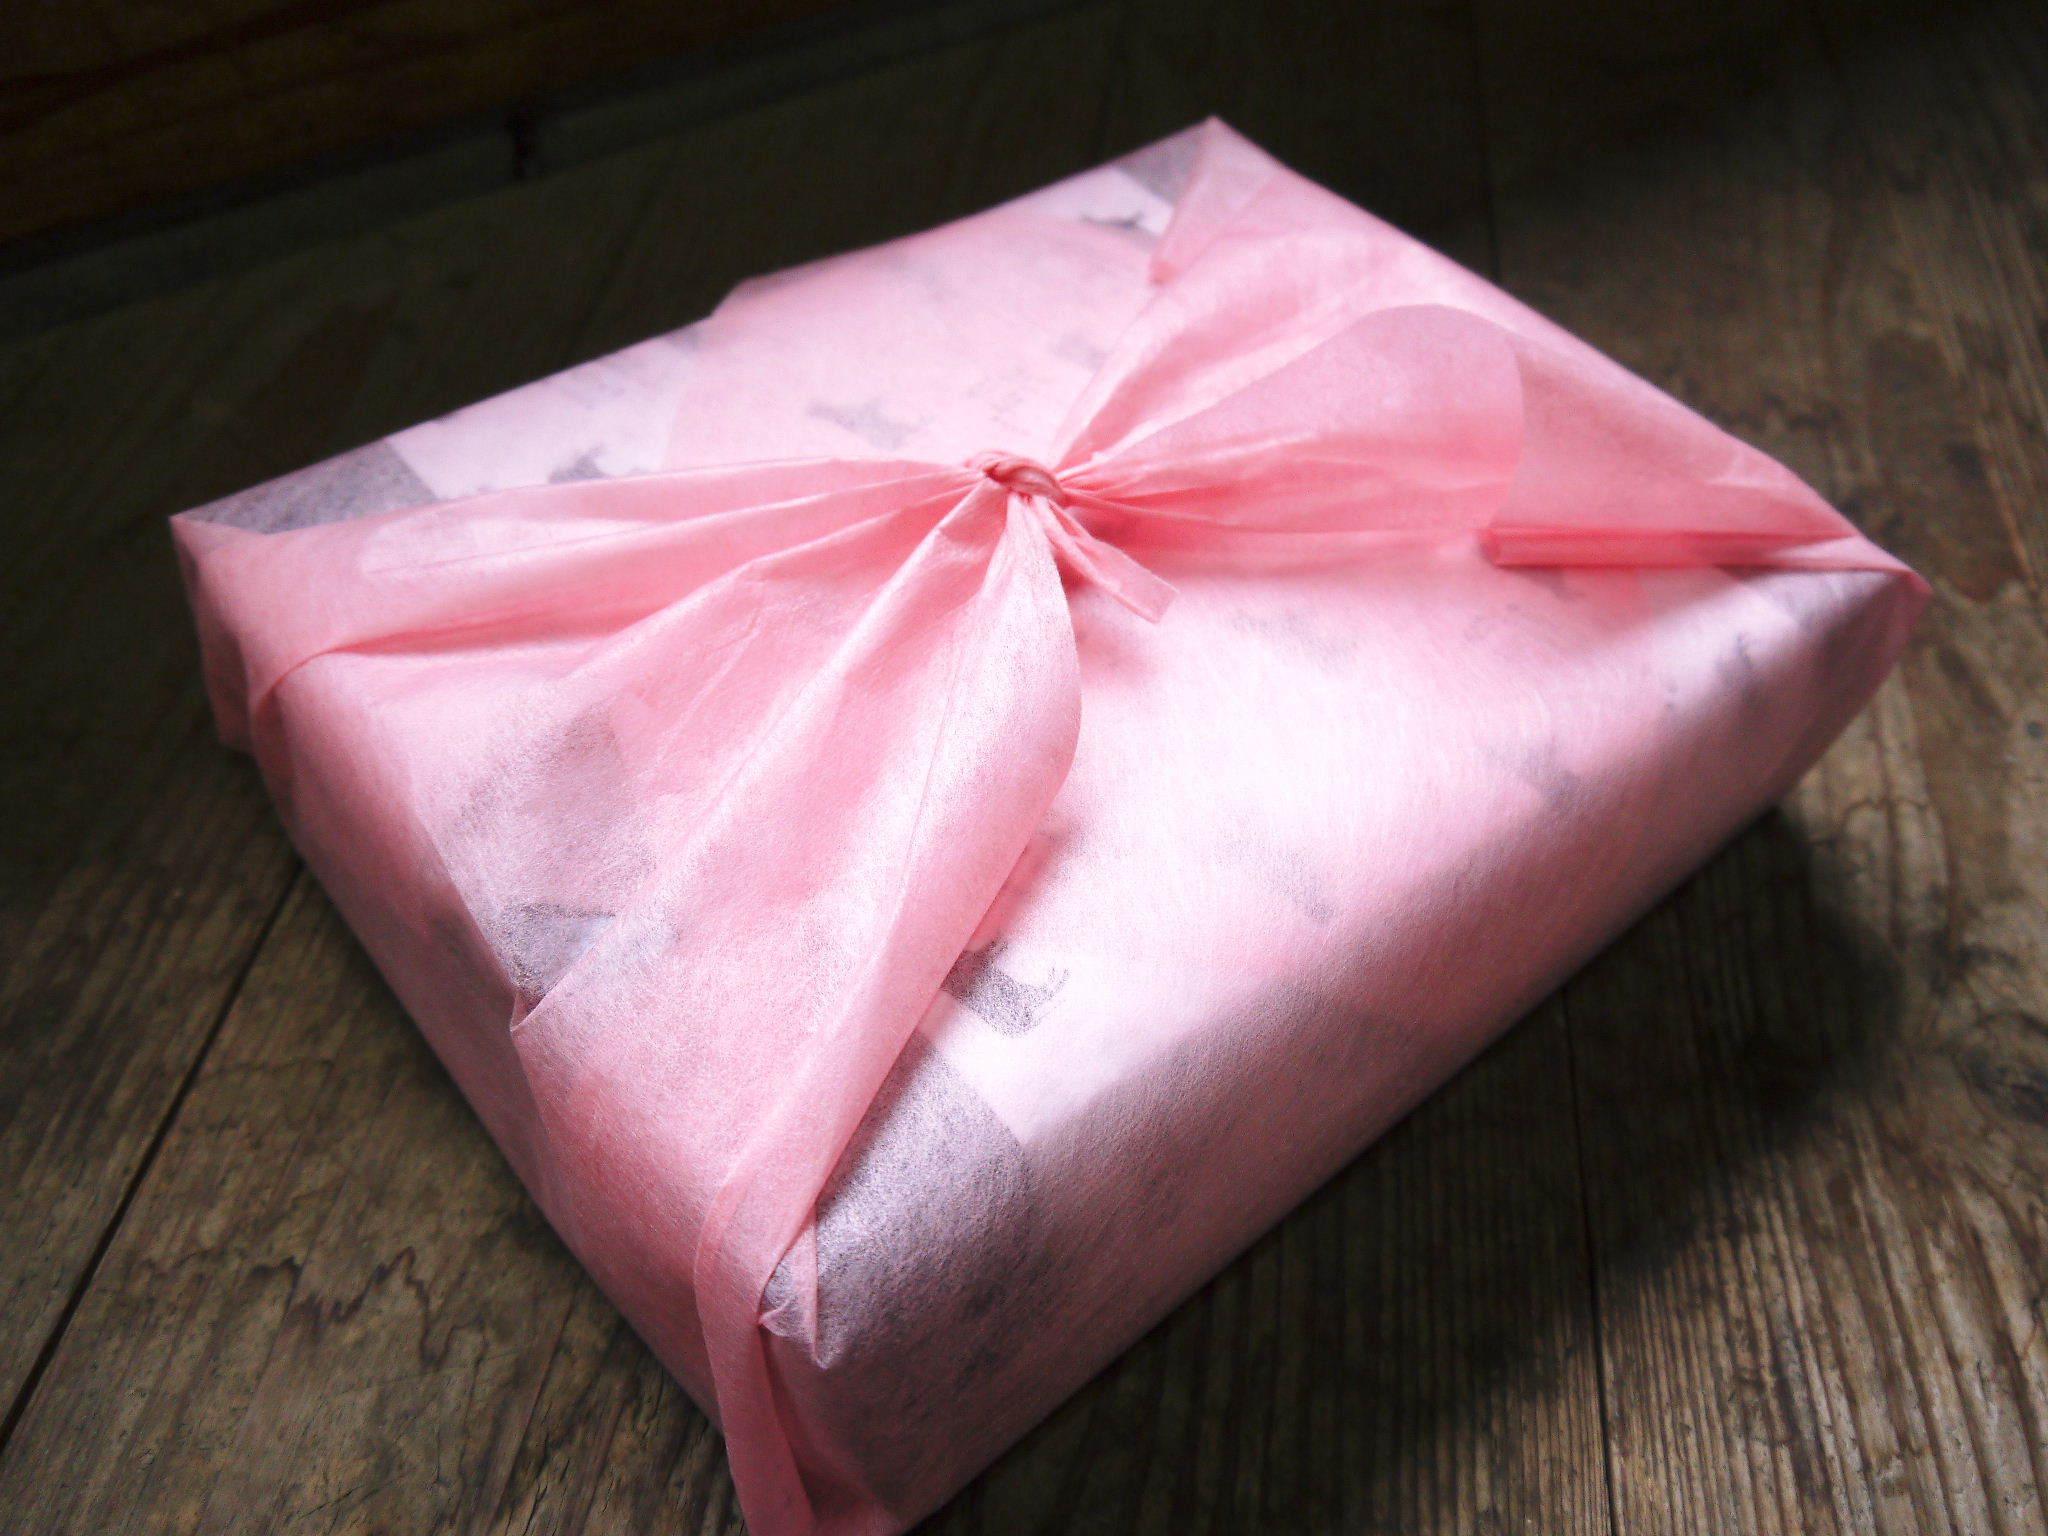 毎月1回の限定販売!熊本県産A5ランク黒毛和牛100%のハンバーグステーキ!令和3年5月は19日出荷です!_a0254656_17360568.jpg